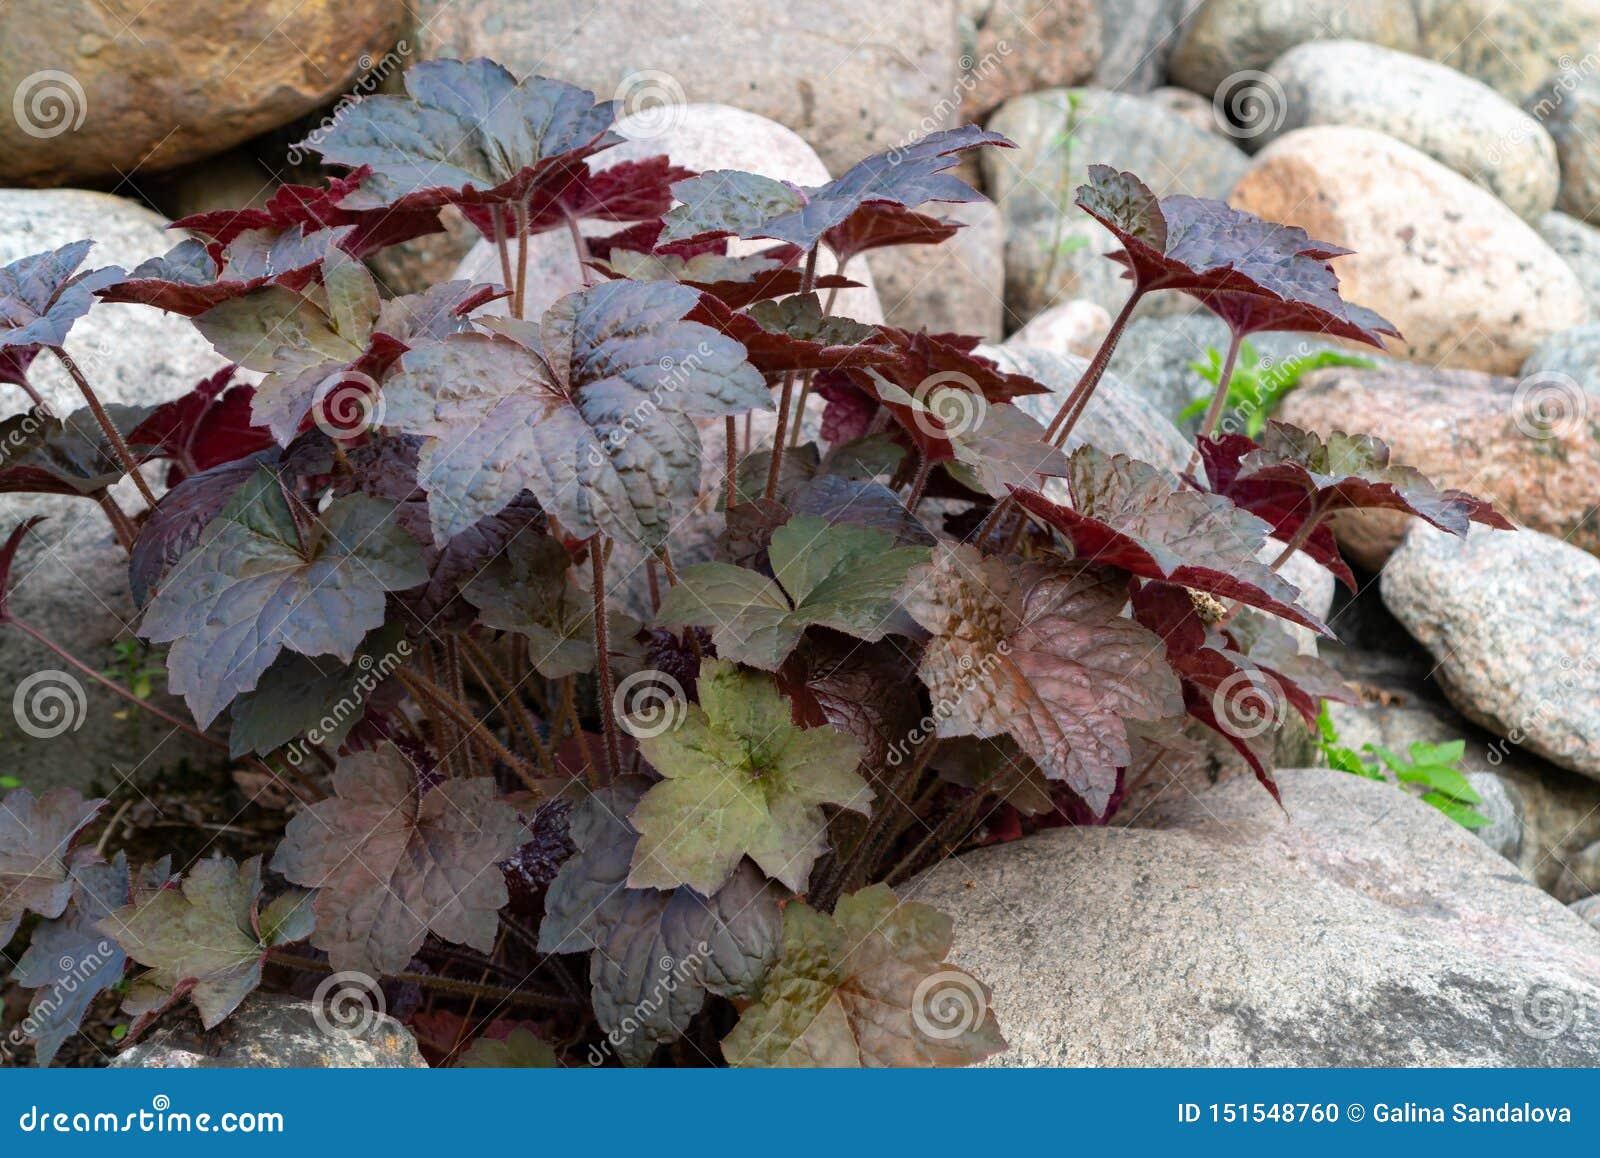 Odwiecznie rośliny heuchera hybryd znać jako ałunu korzeń w rockery w ogródzie